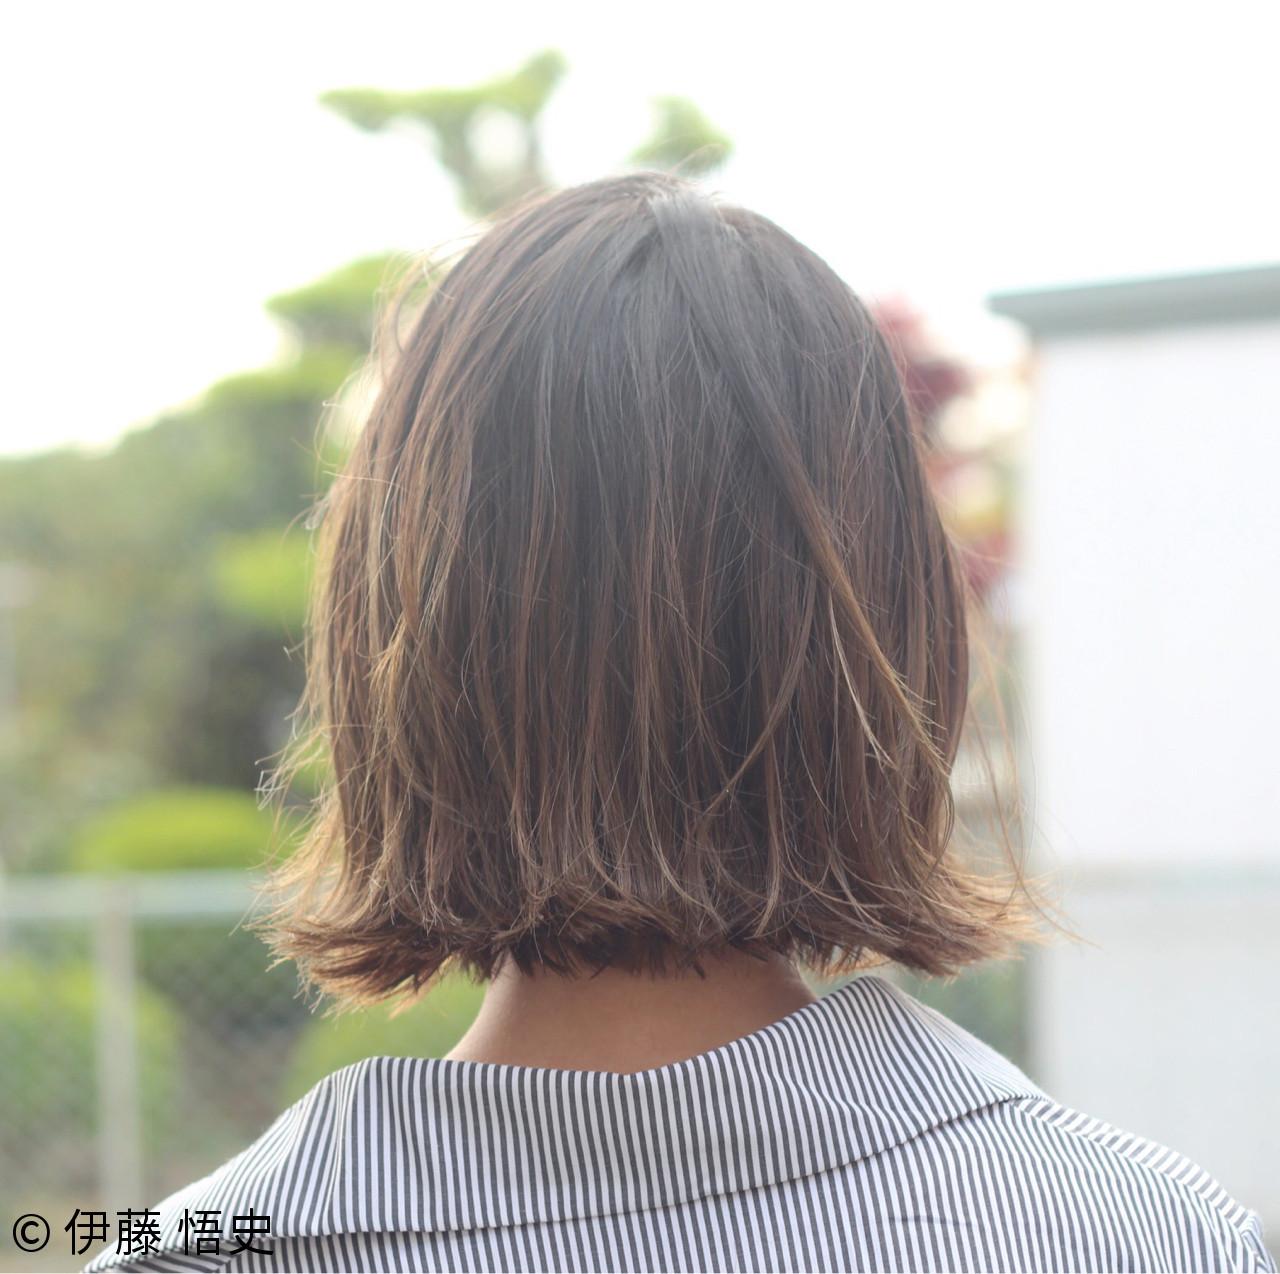 外ハネ ナチュラル アッシュベージュ ボブ ヘアスタイルや髪型の写真・画像